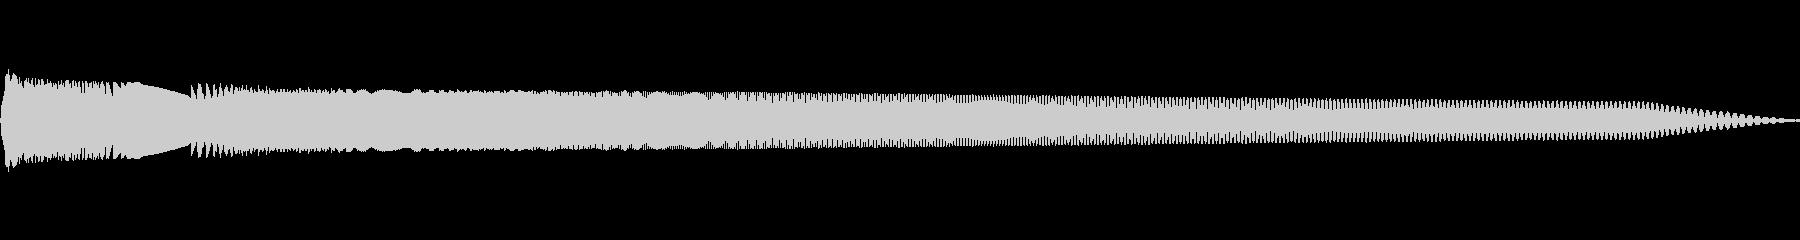 サイン波スイープの未再生の波形